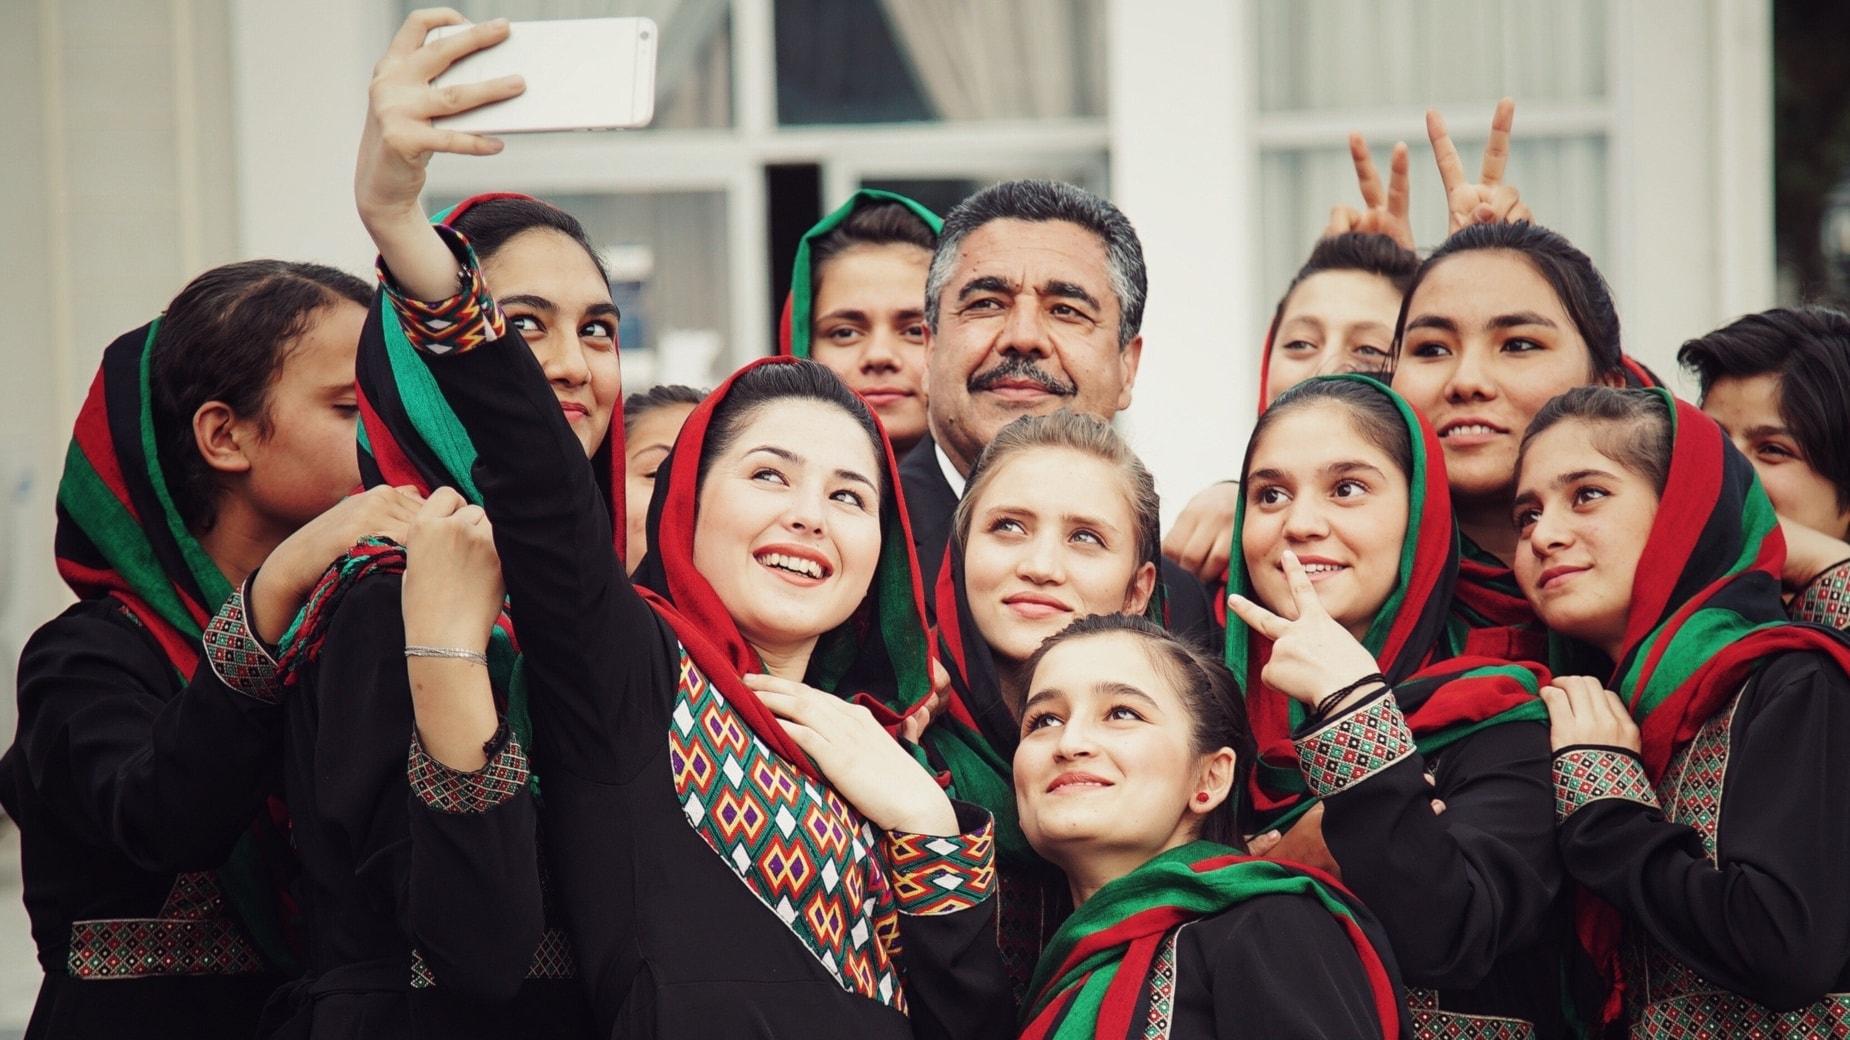 KONSERT: En kväll för Afghanistan